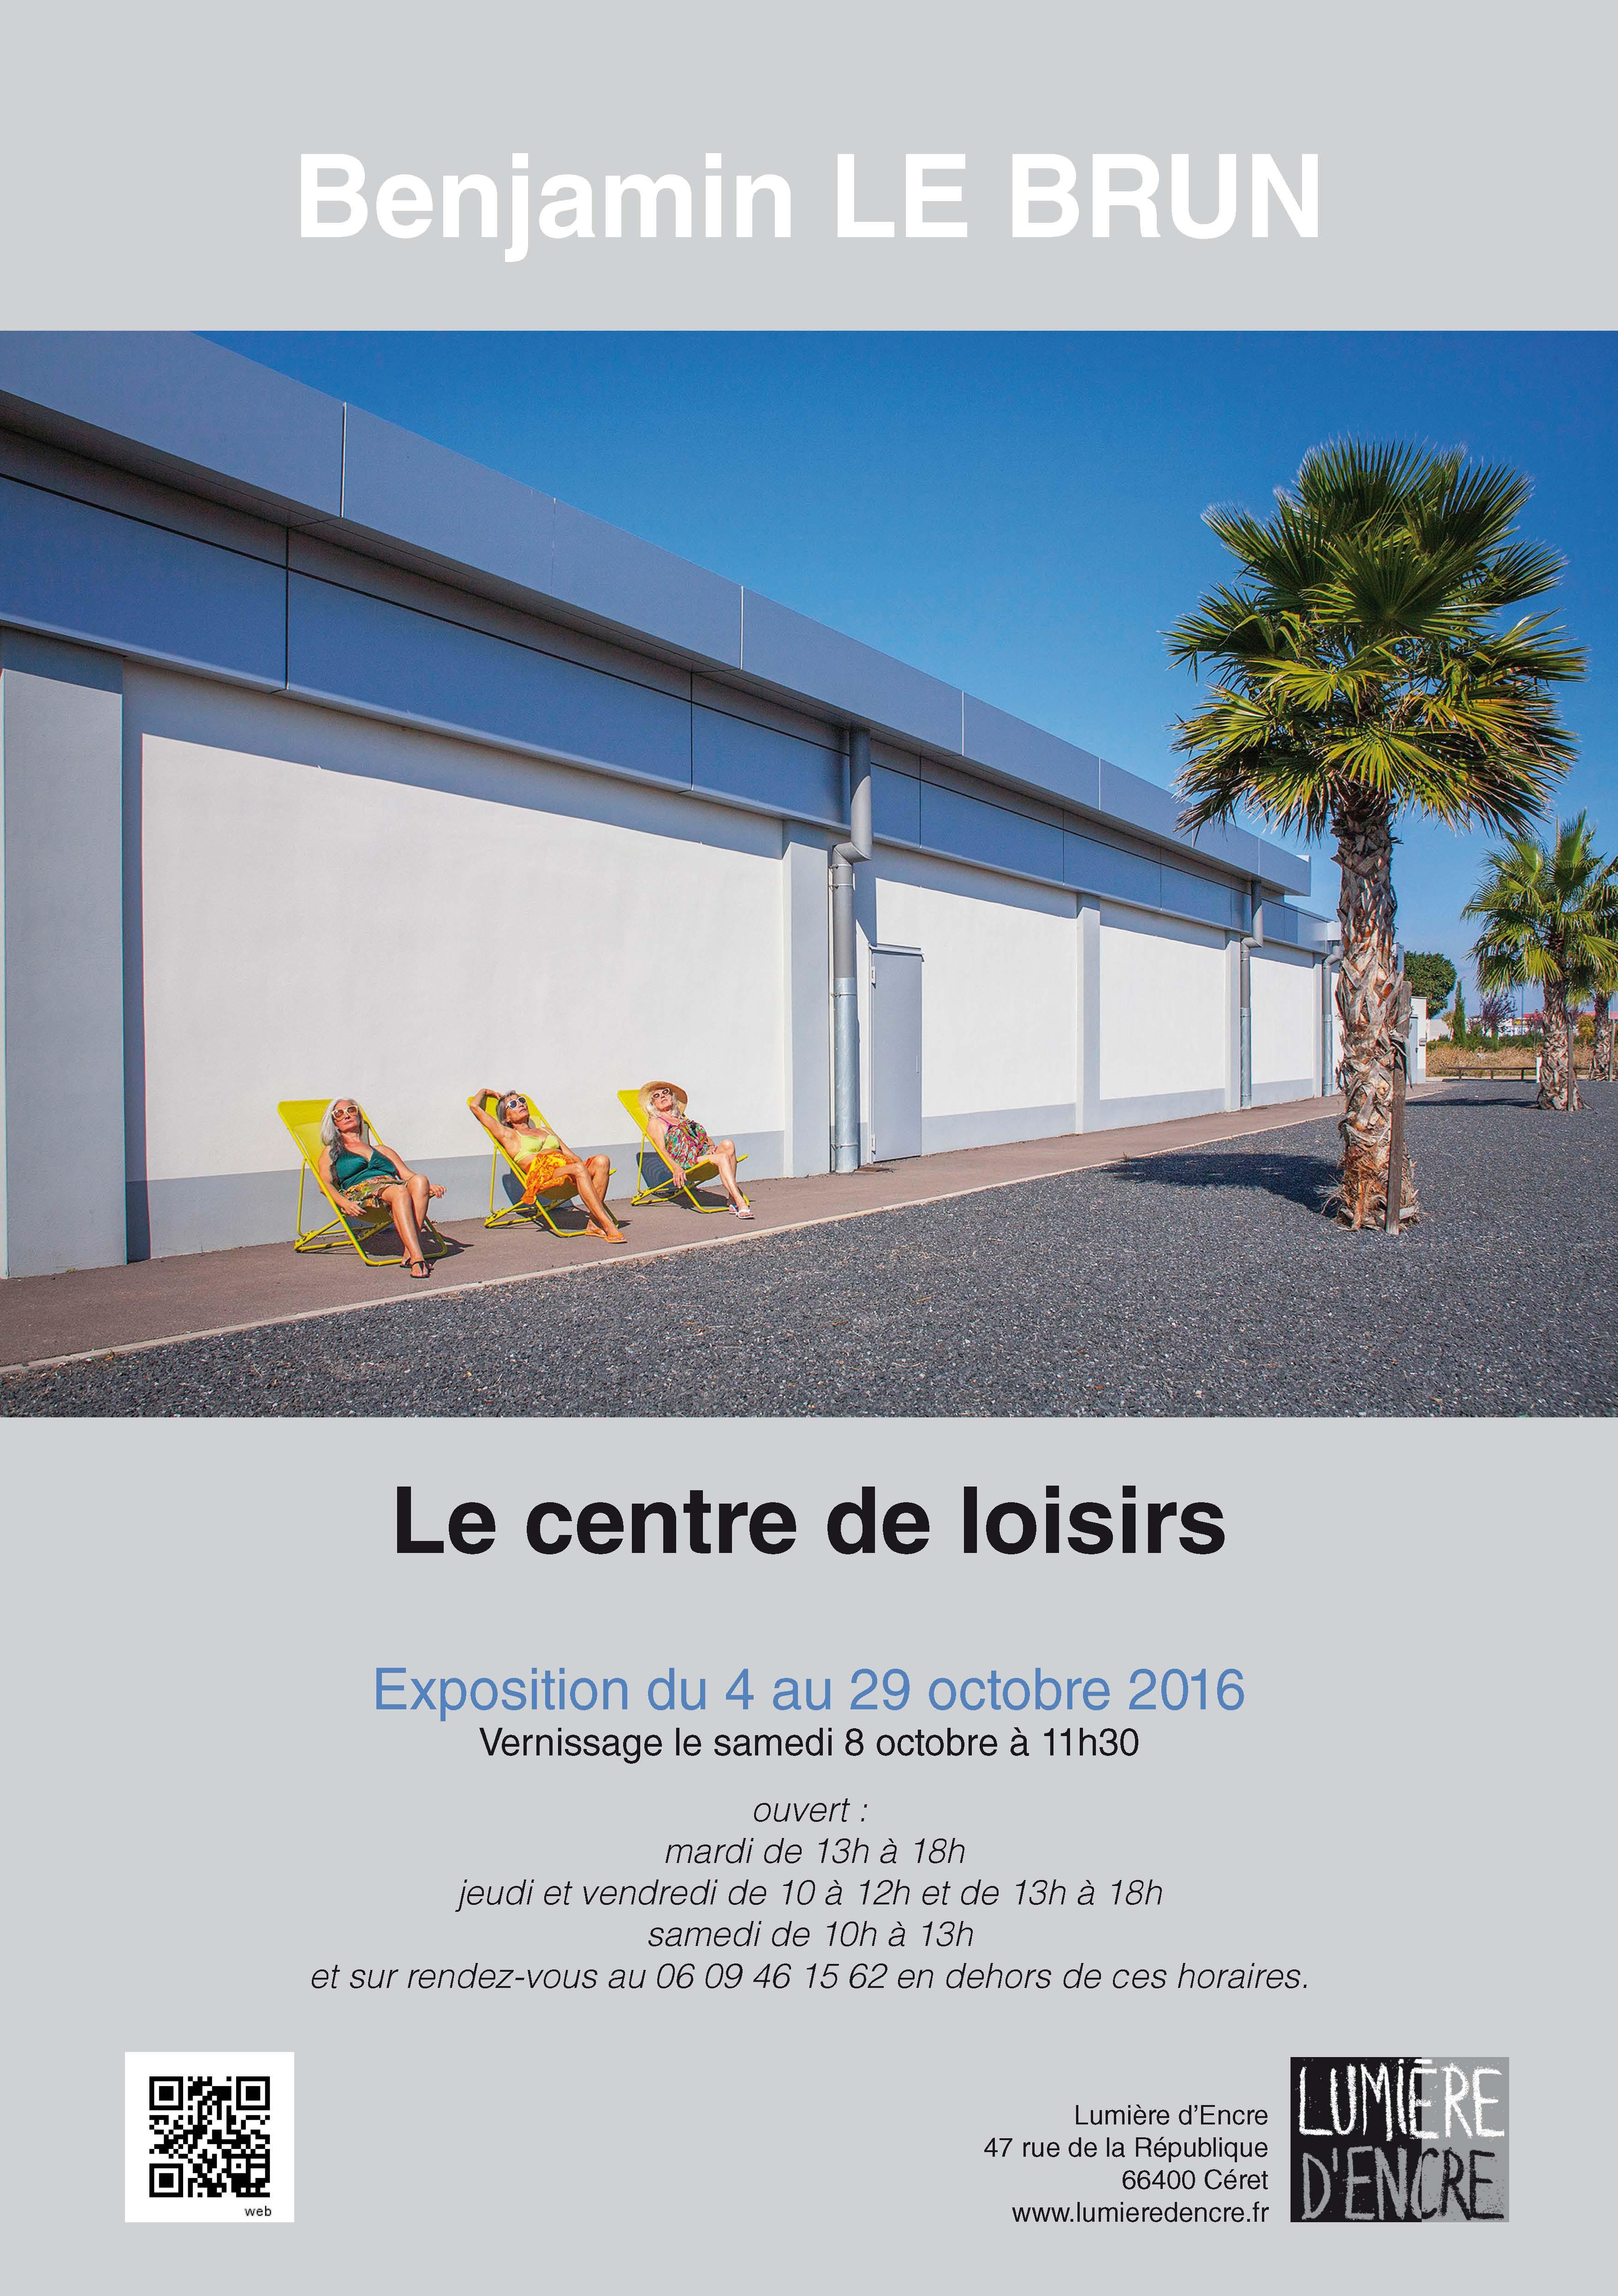 Le centre des loisirs for Centre de loisirs 78